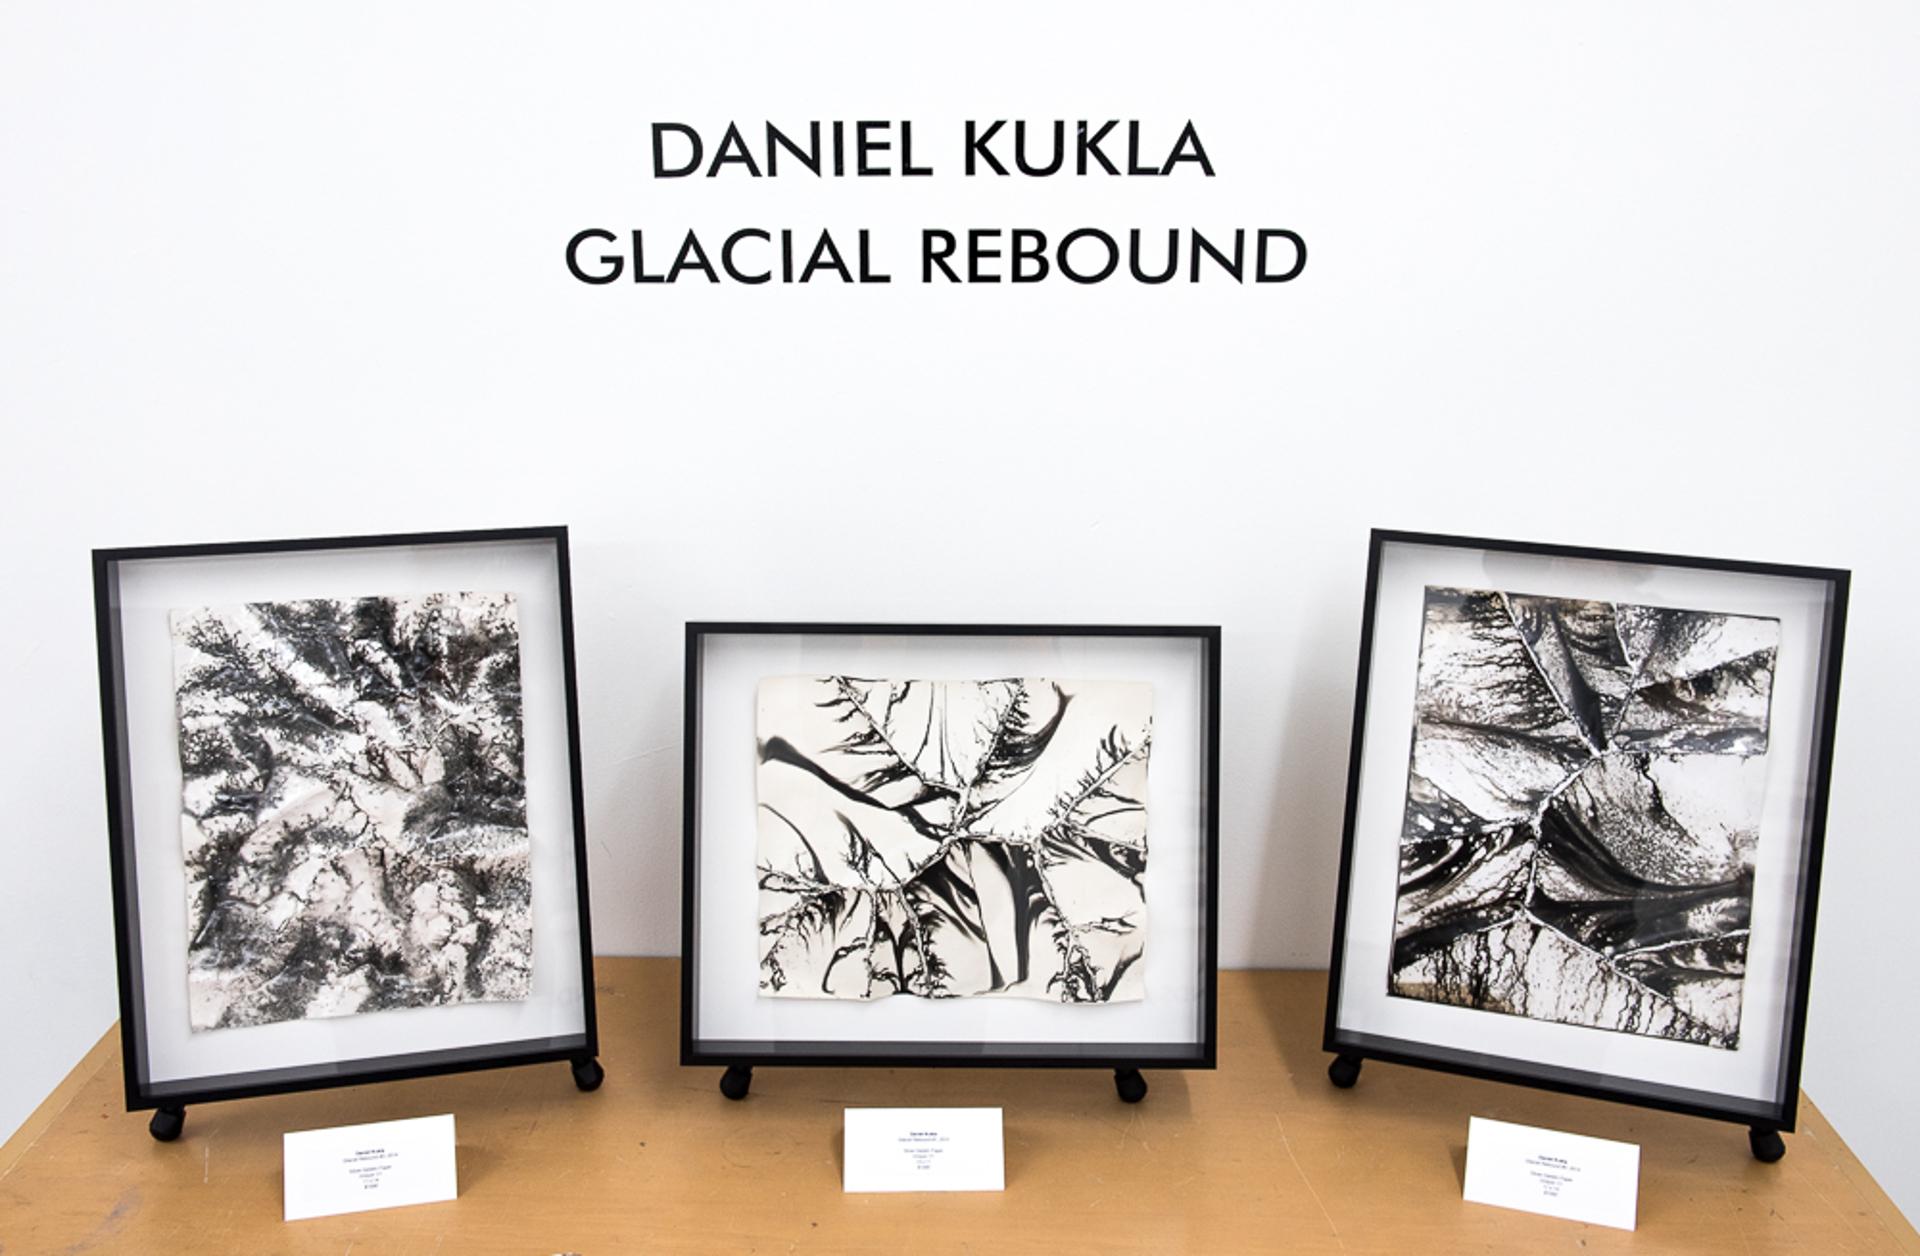 Glacial Rebound #1 by Daniel Kukla